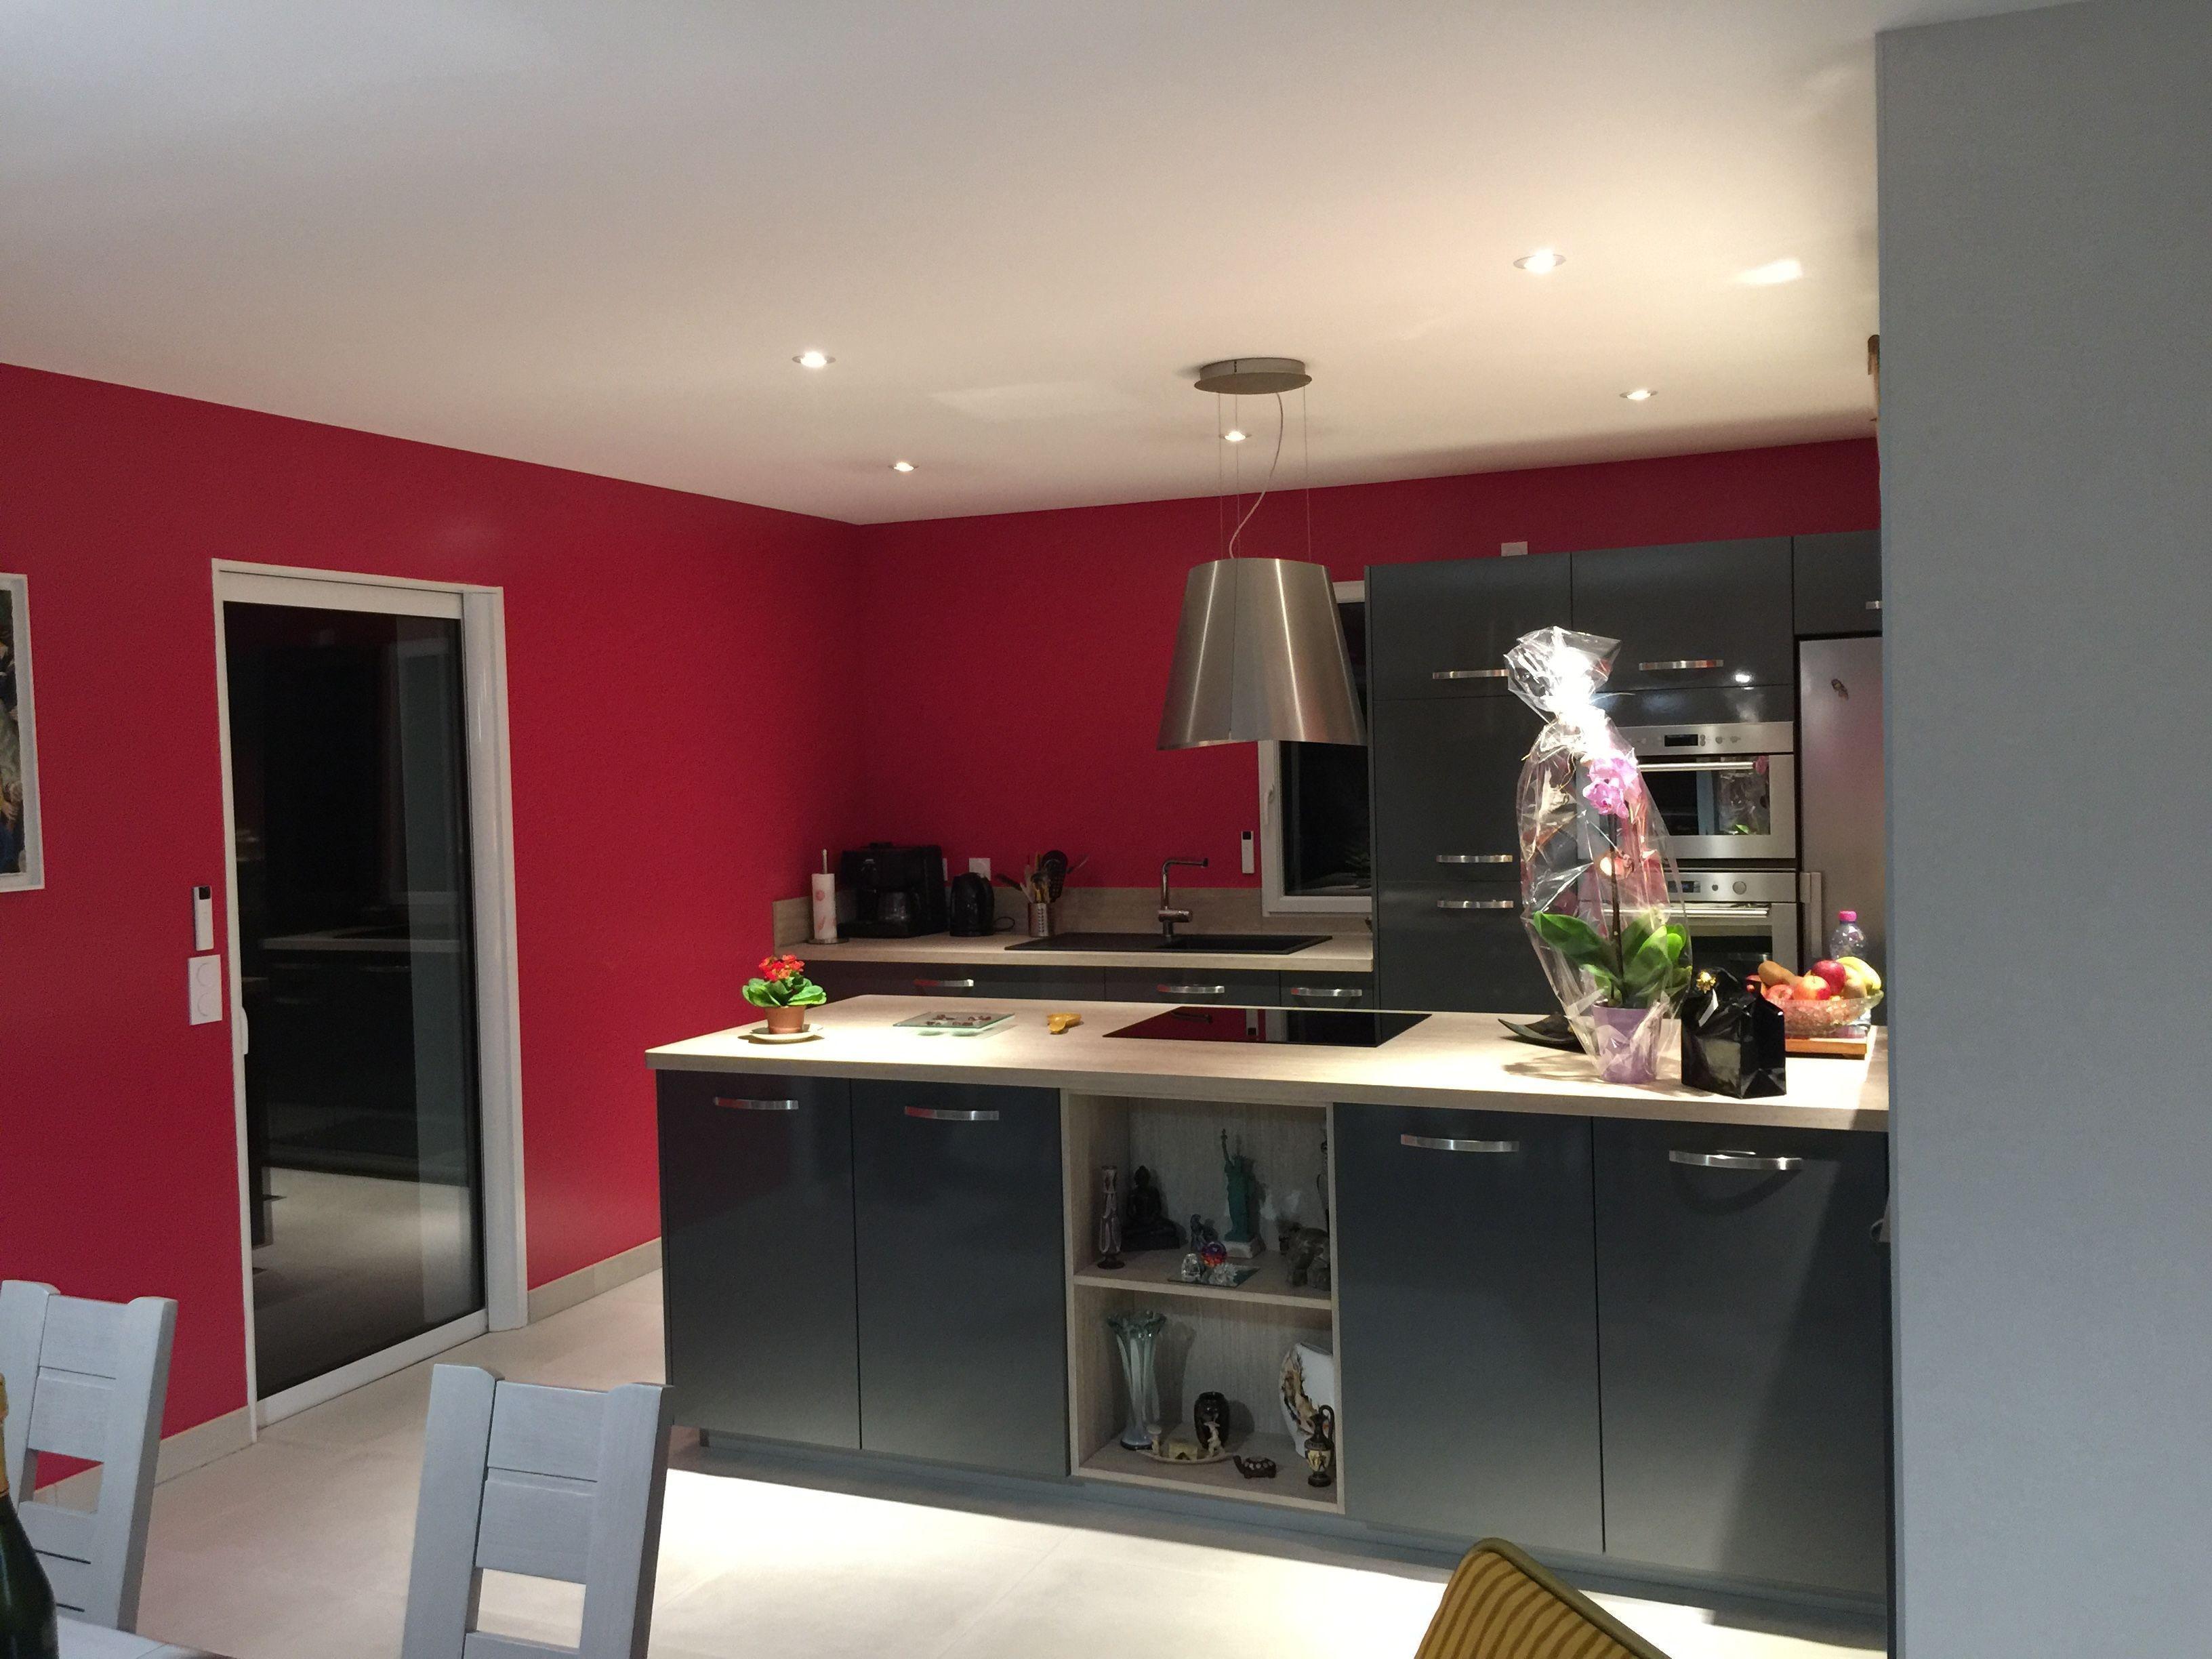 Cuisine Moderne, Chaleureuse, R Alis E Dans Une Maison Constructions